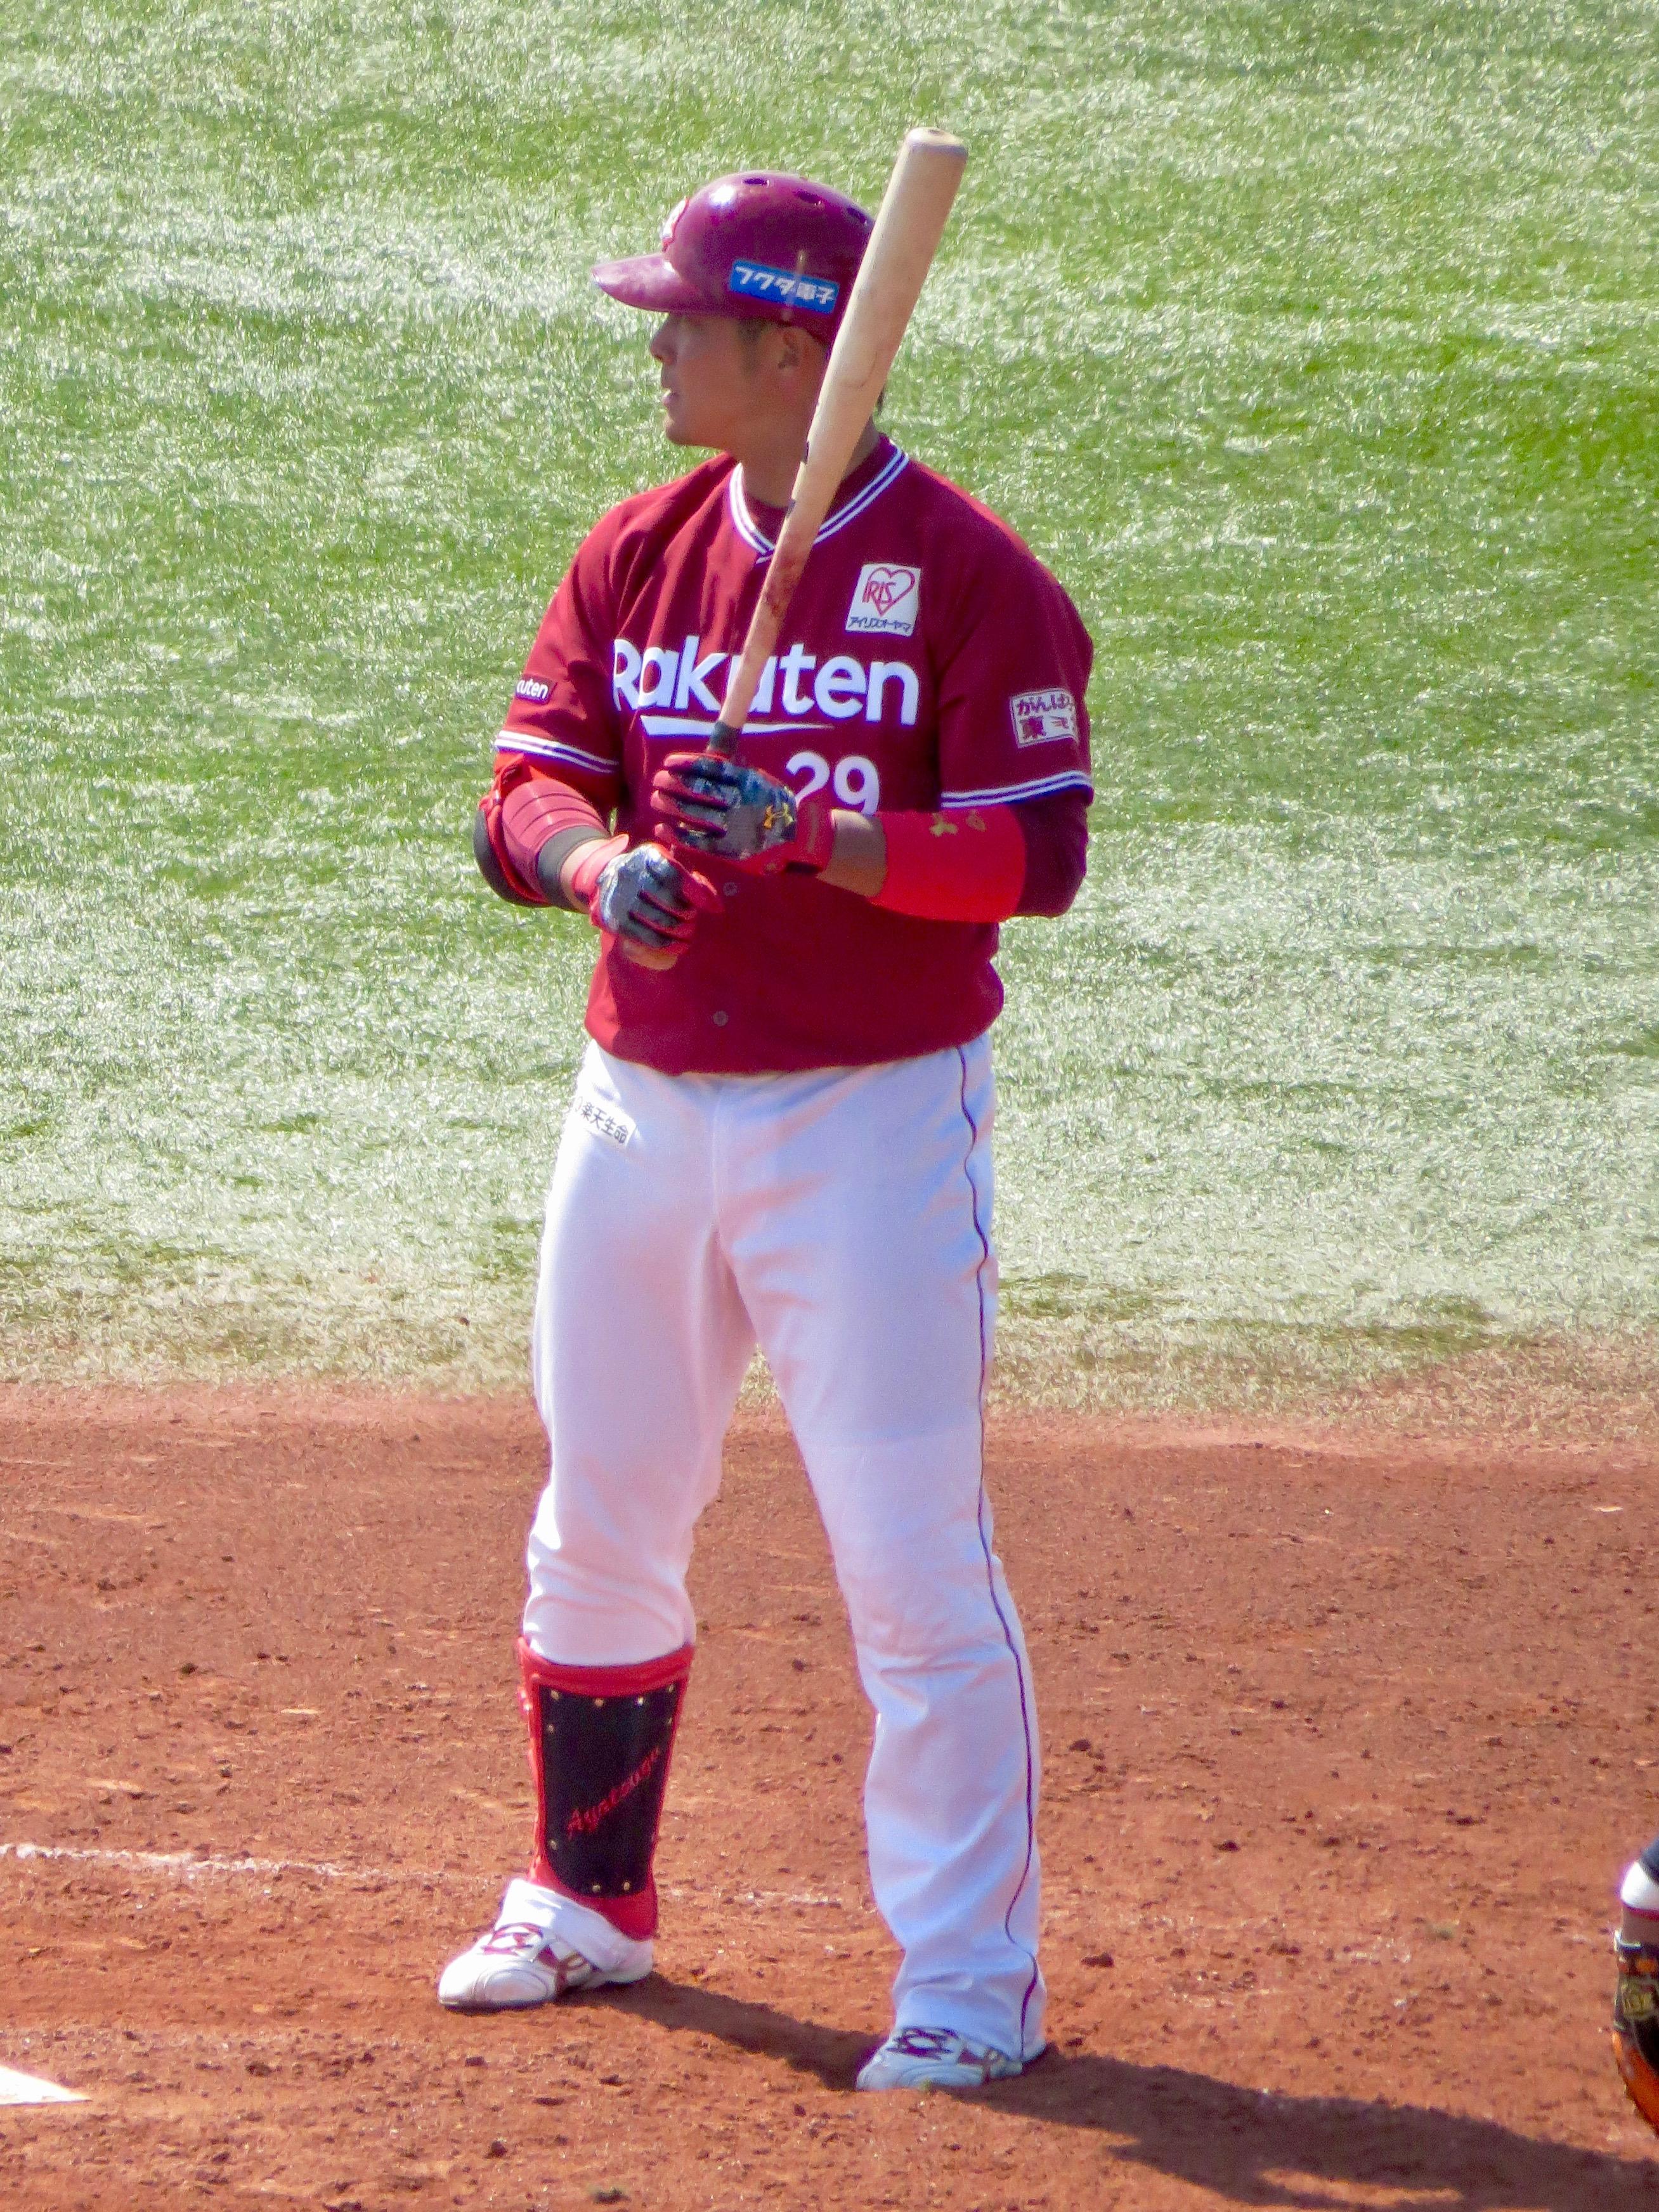 山下斐紹 - Wikipedia